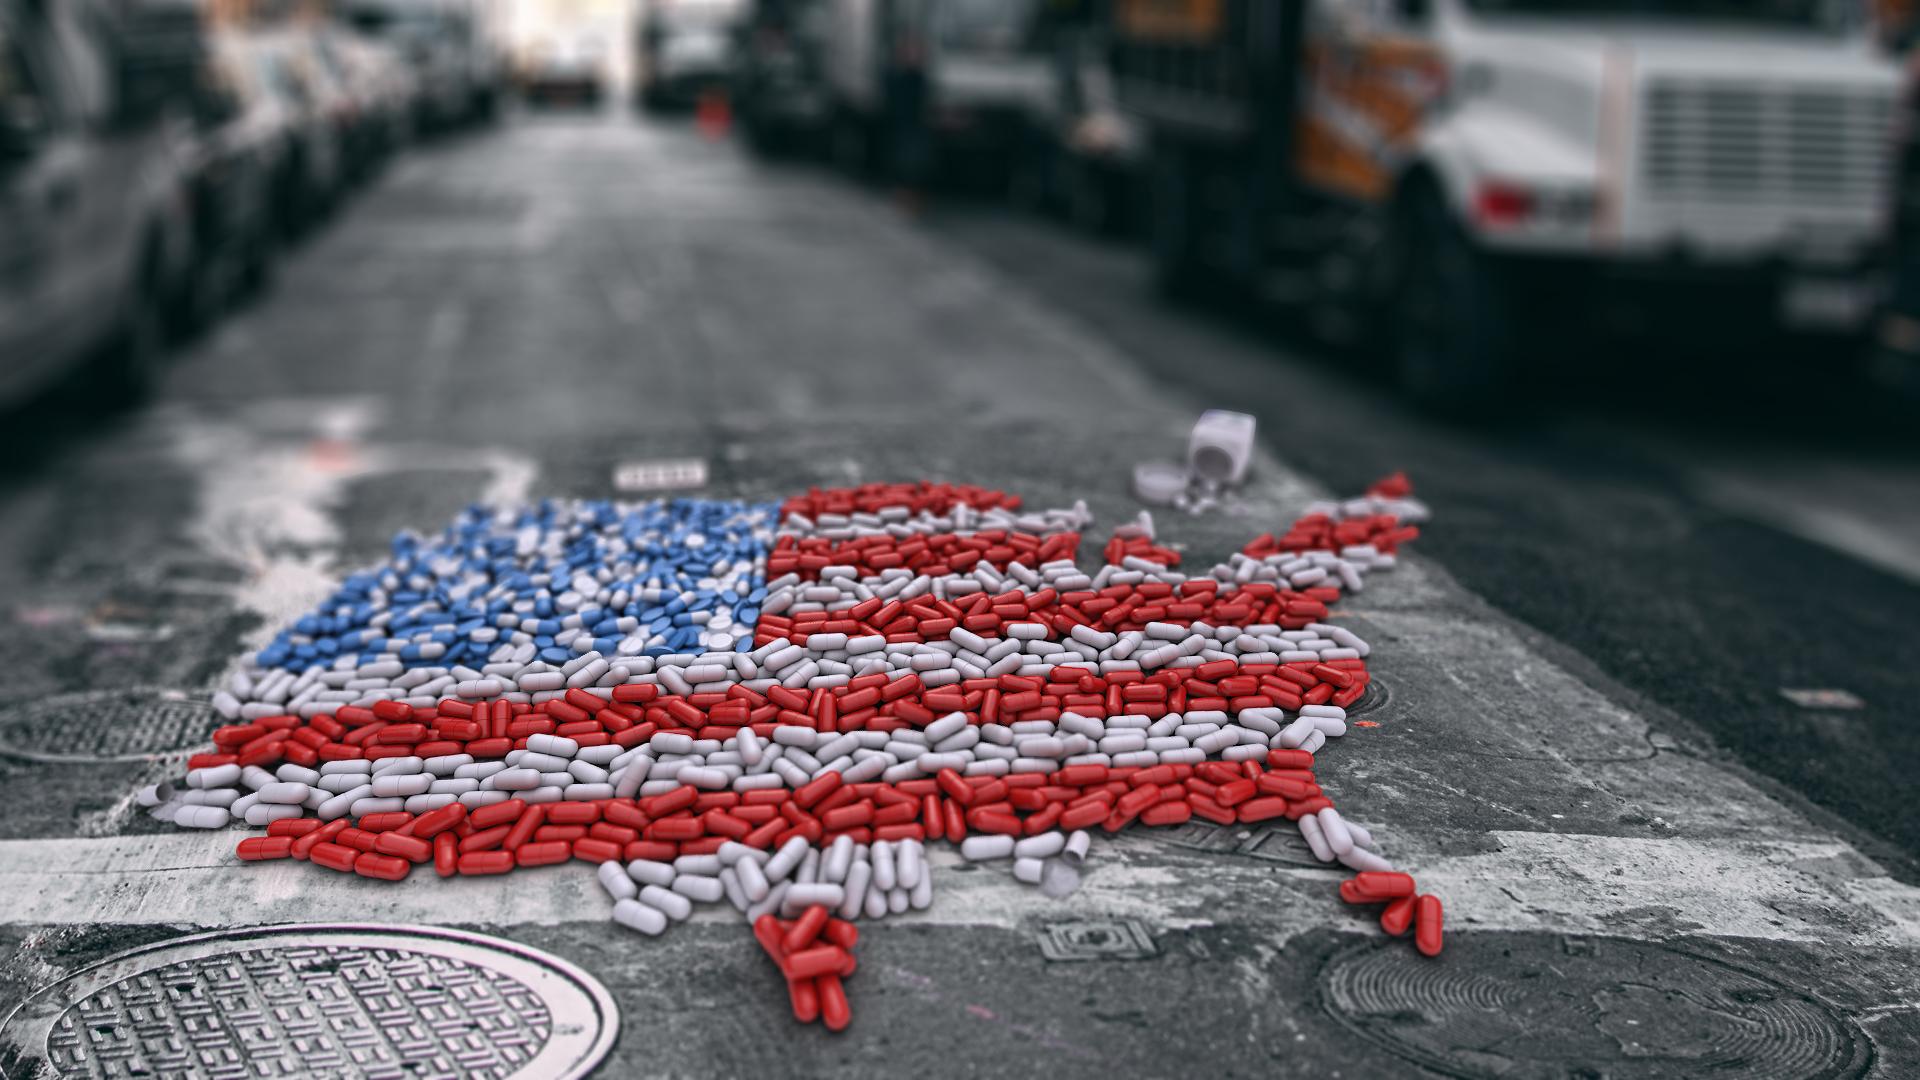 USA Opioid Crisis